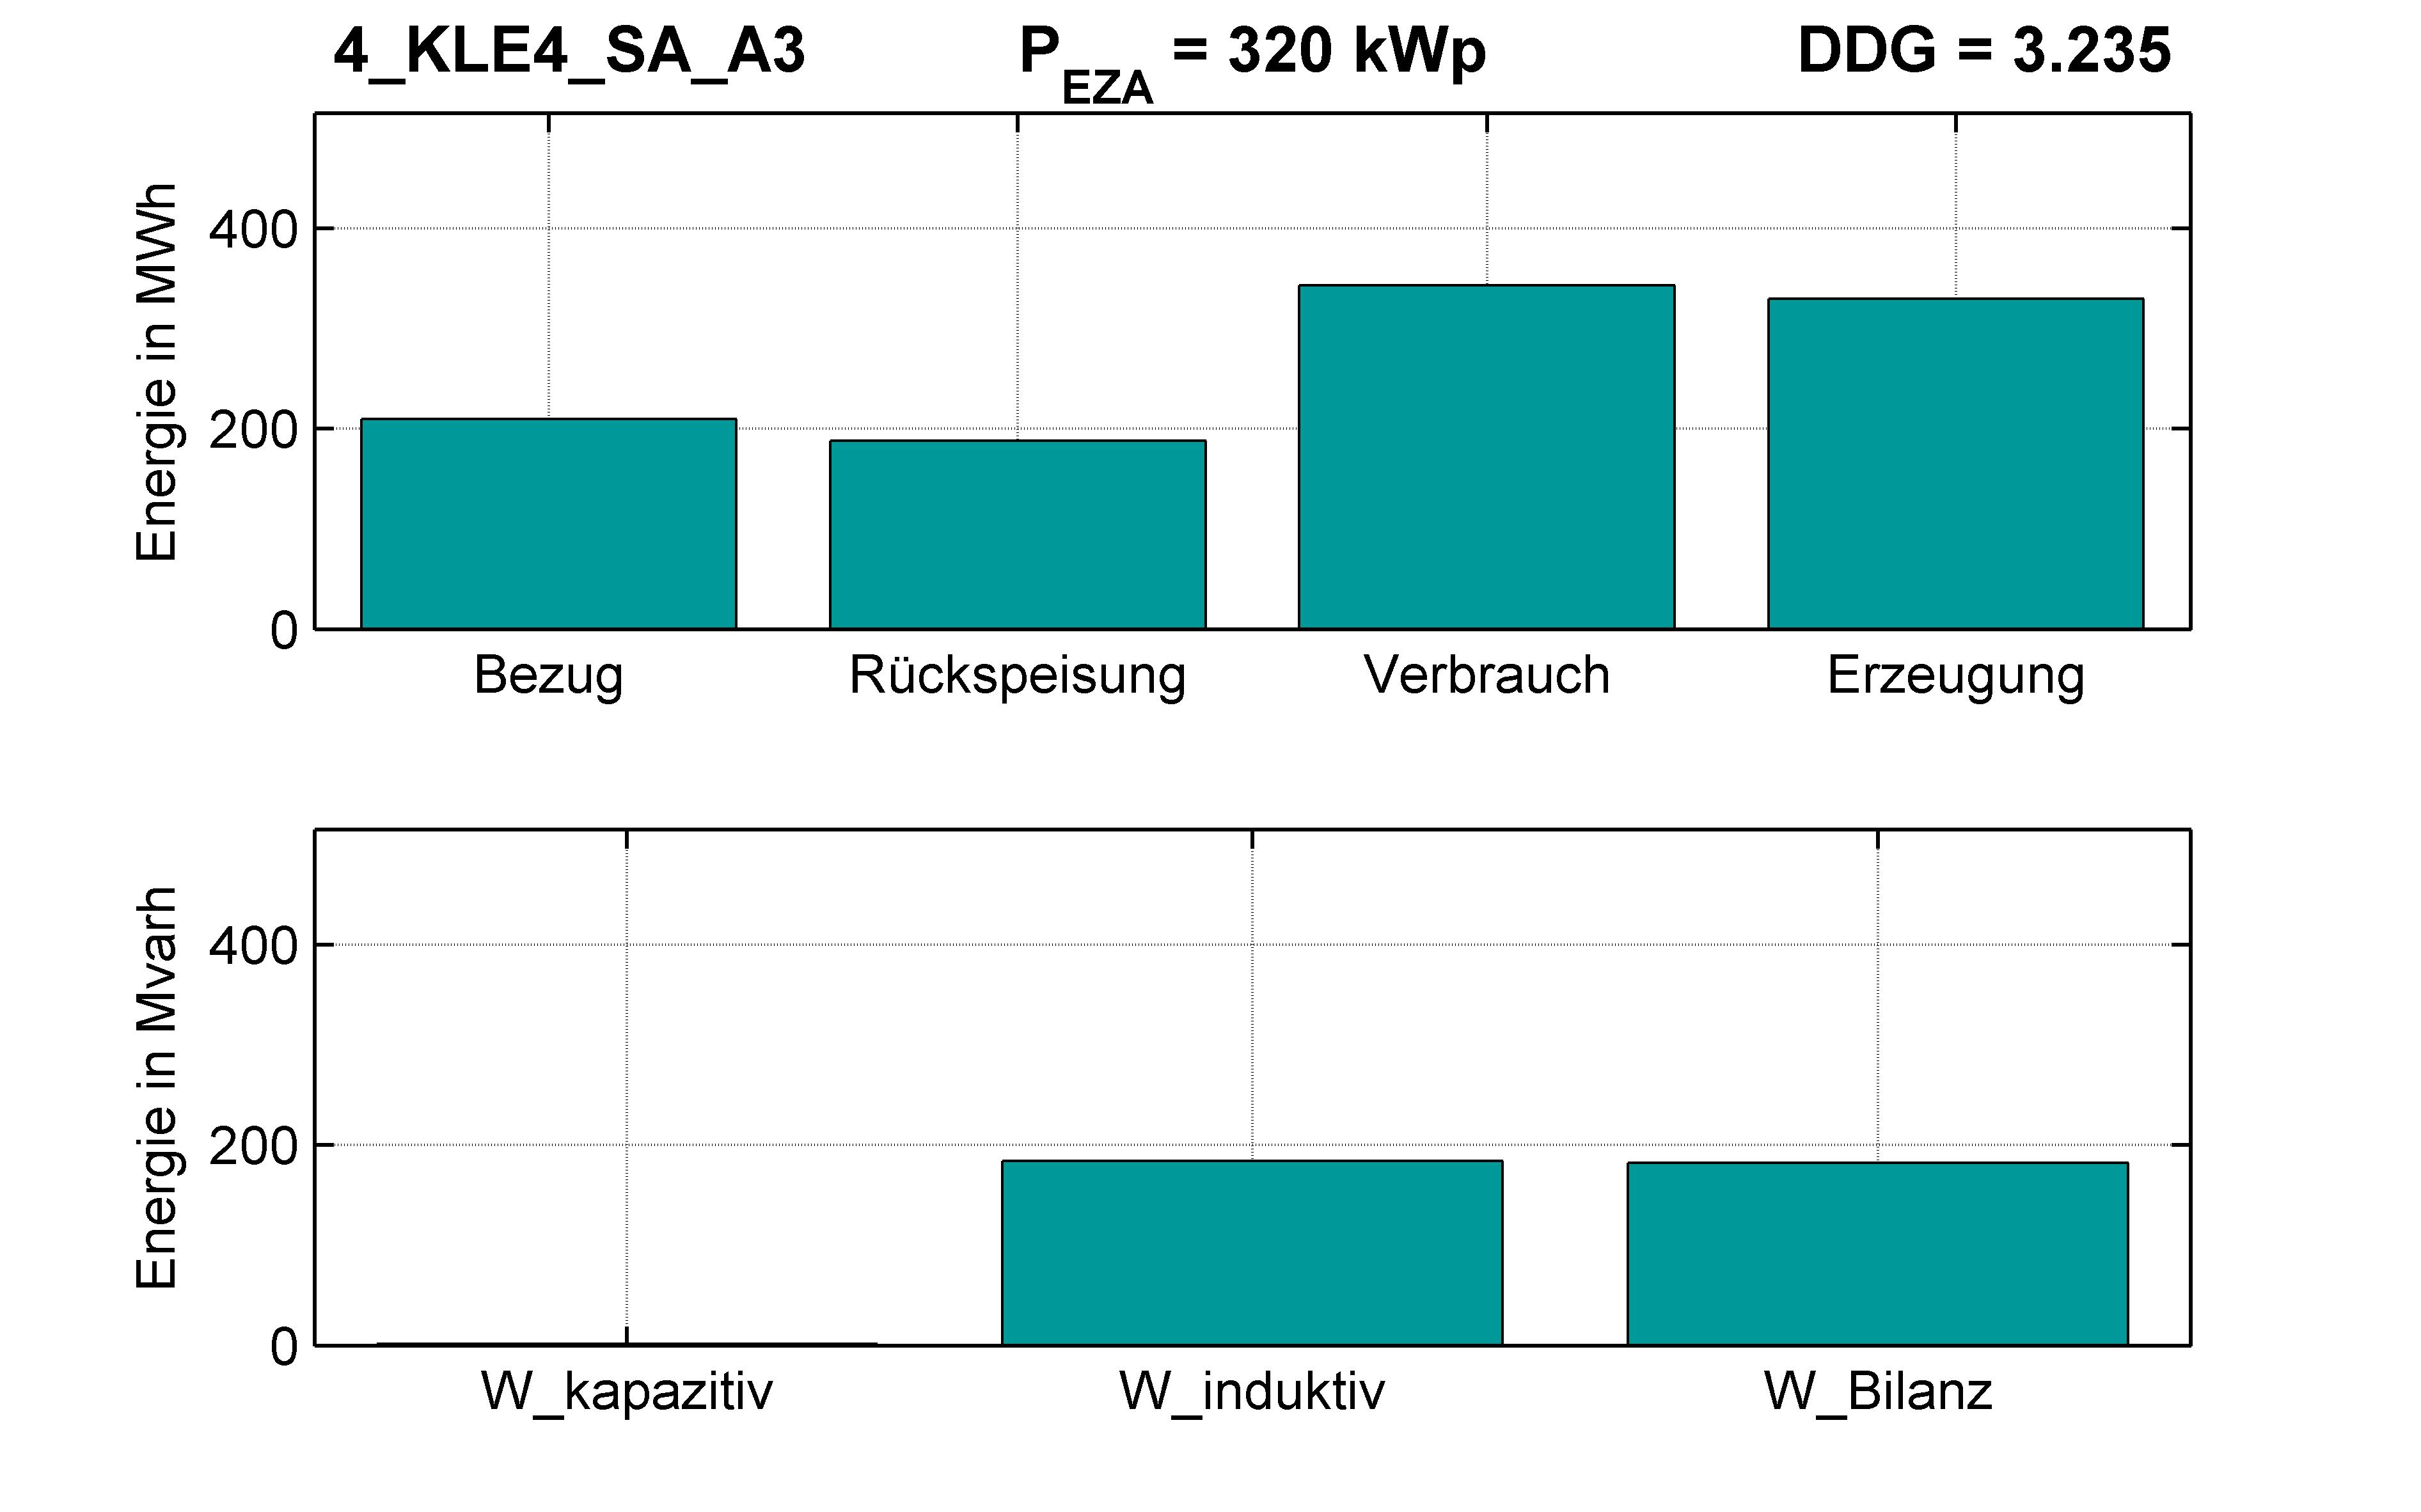 KLE4 | P-Kappung 55% (SA) A3 | PQ-Bilanz